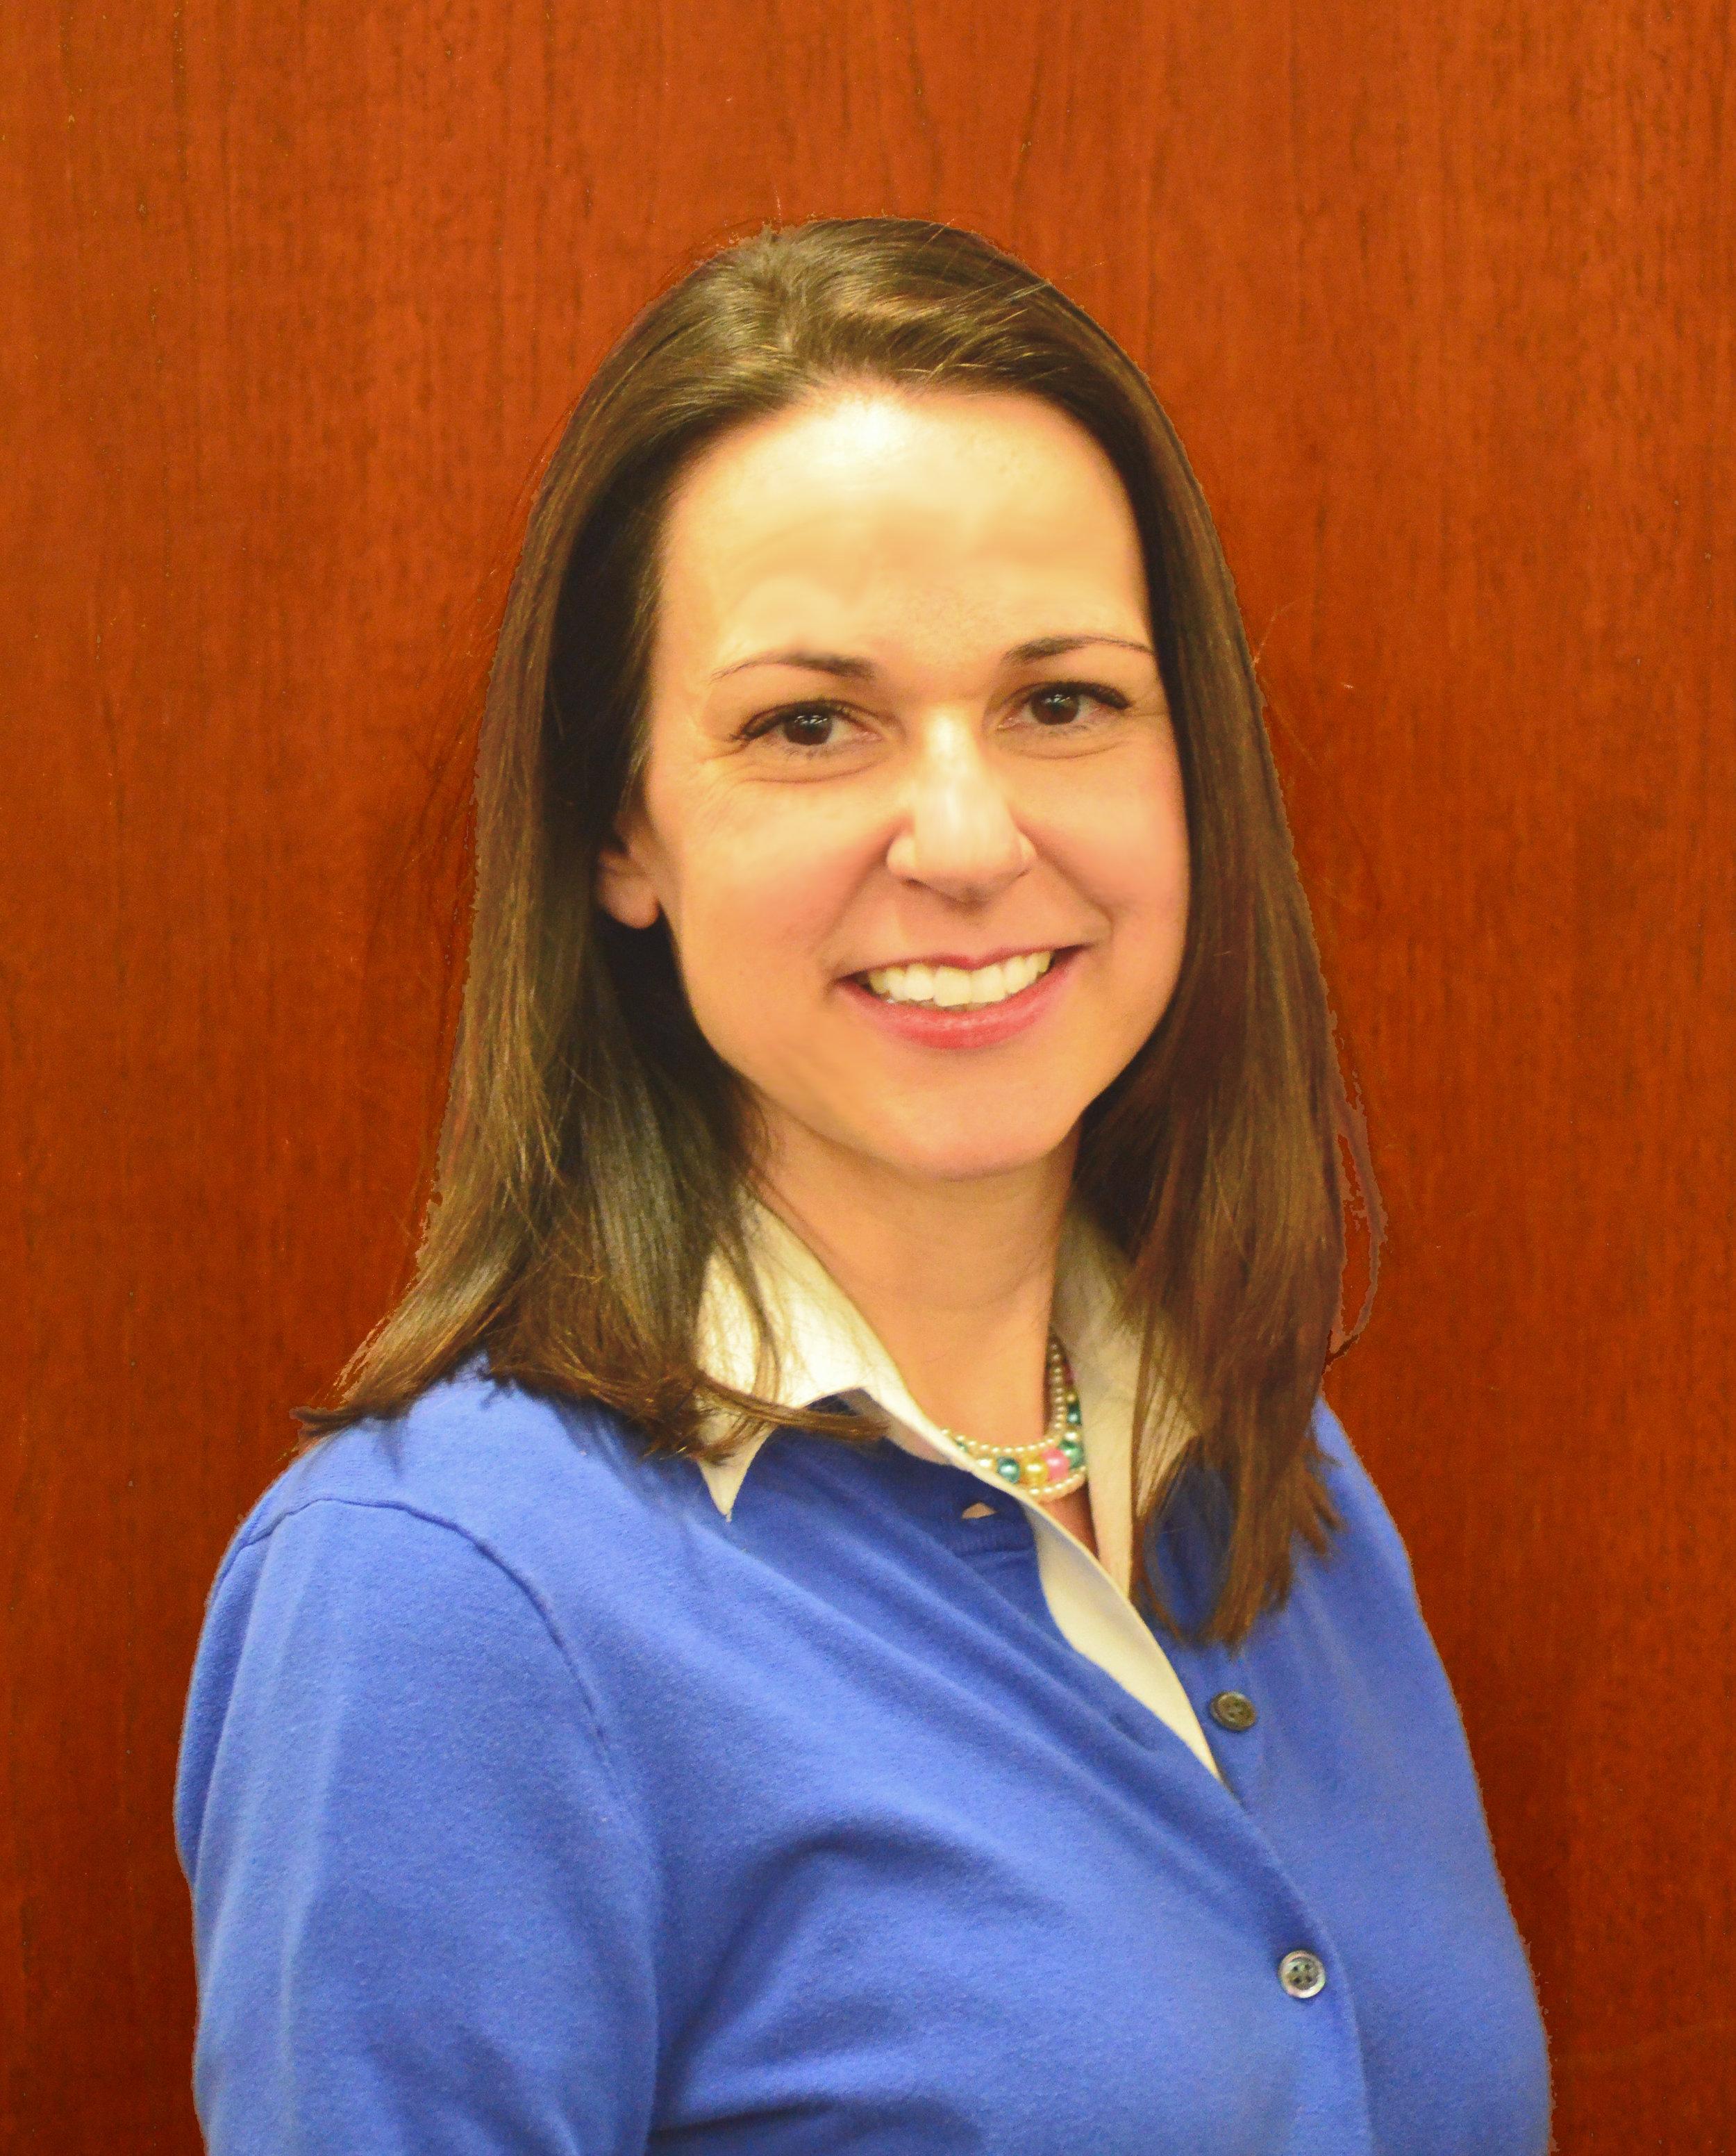 Dr. Erin Brender